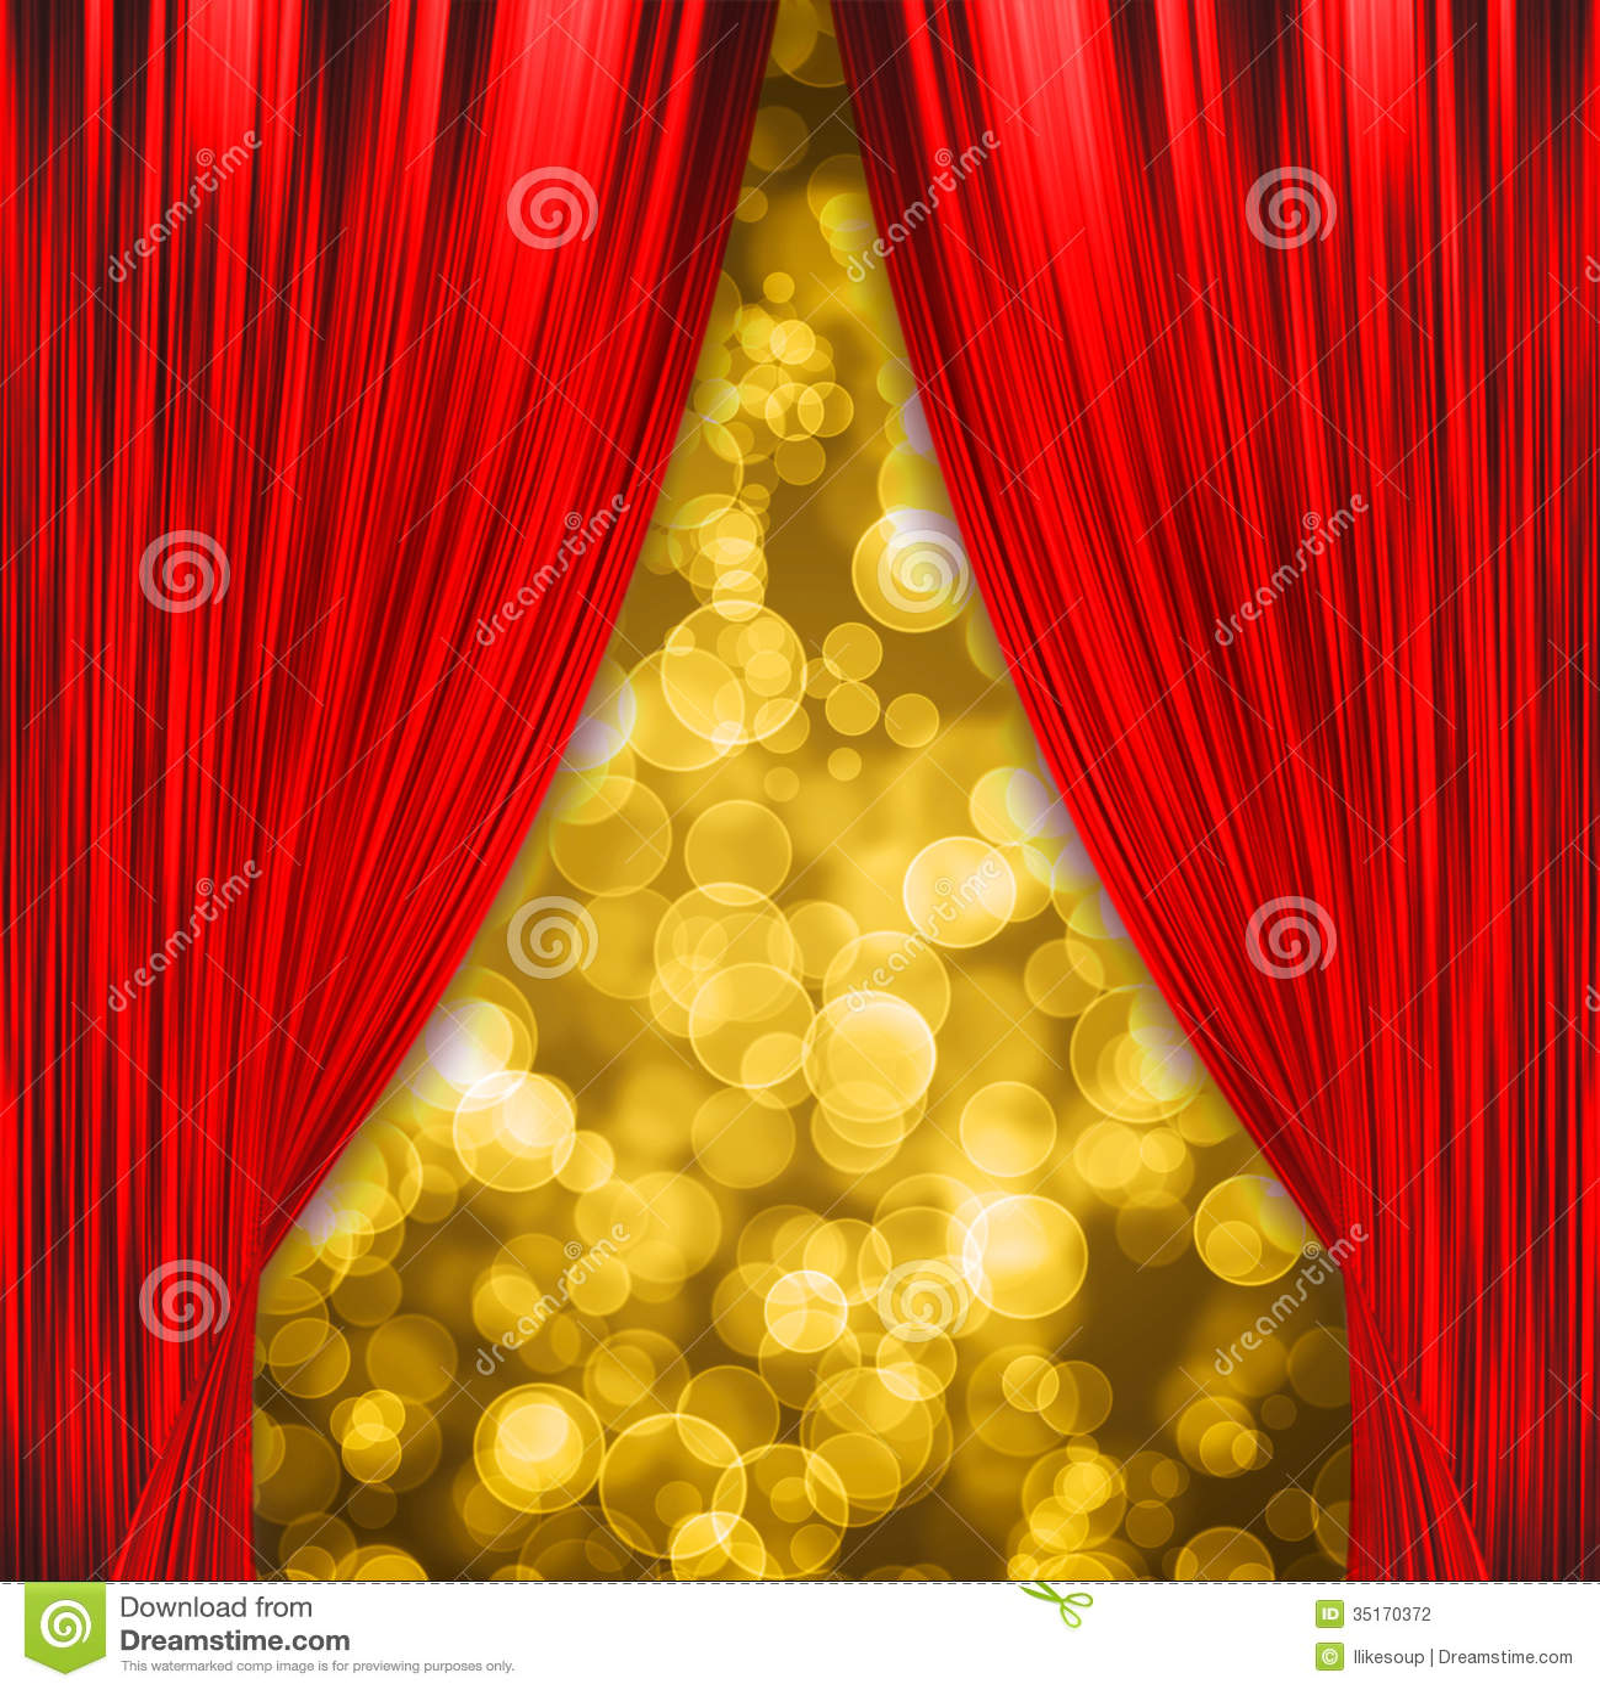 twee rode gordijnen die de show openen